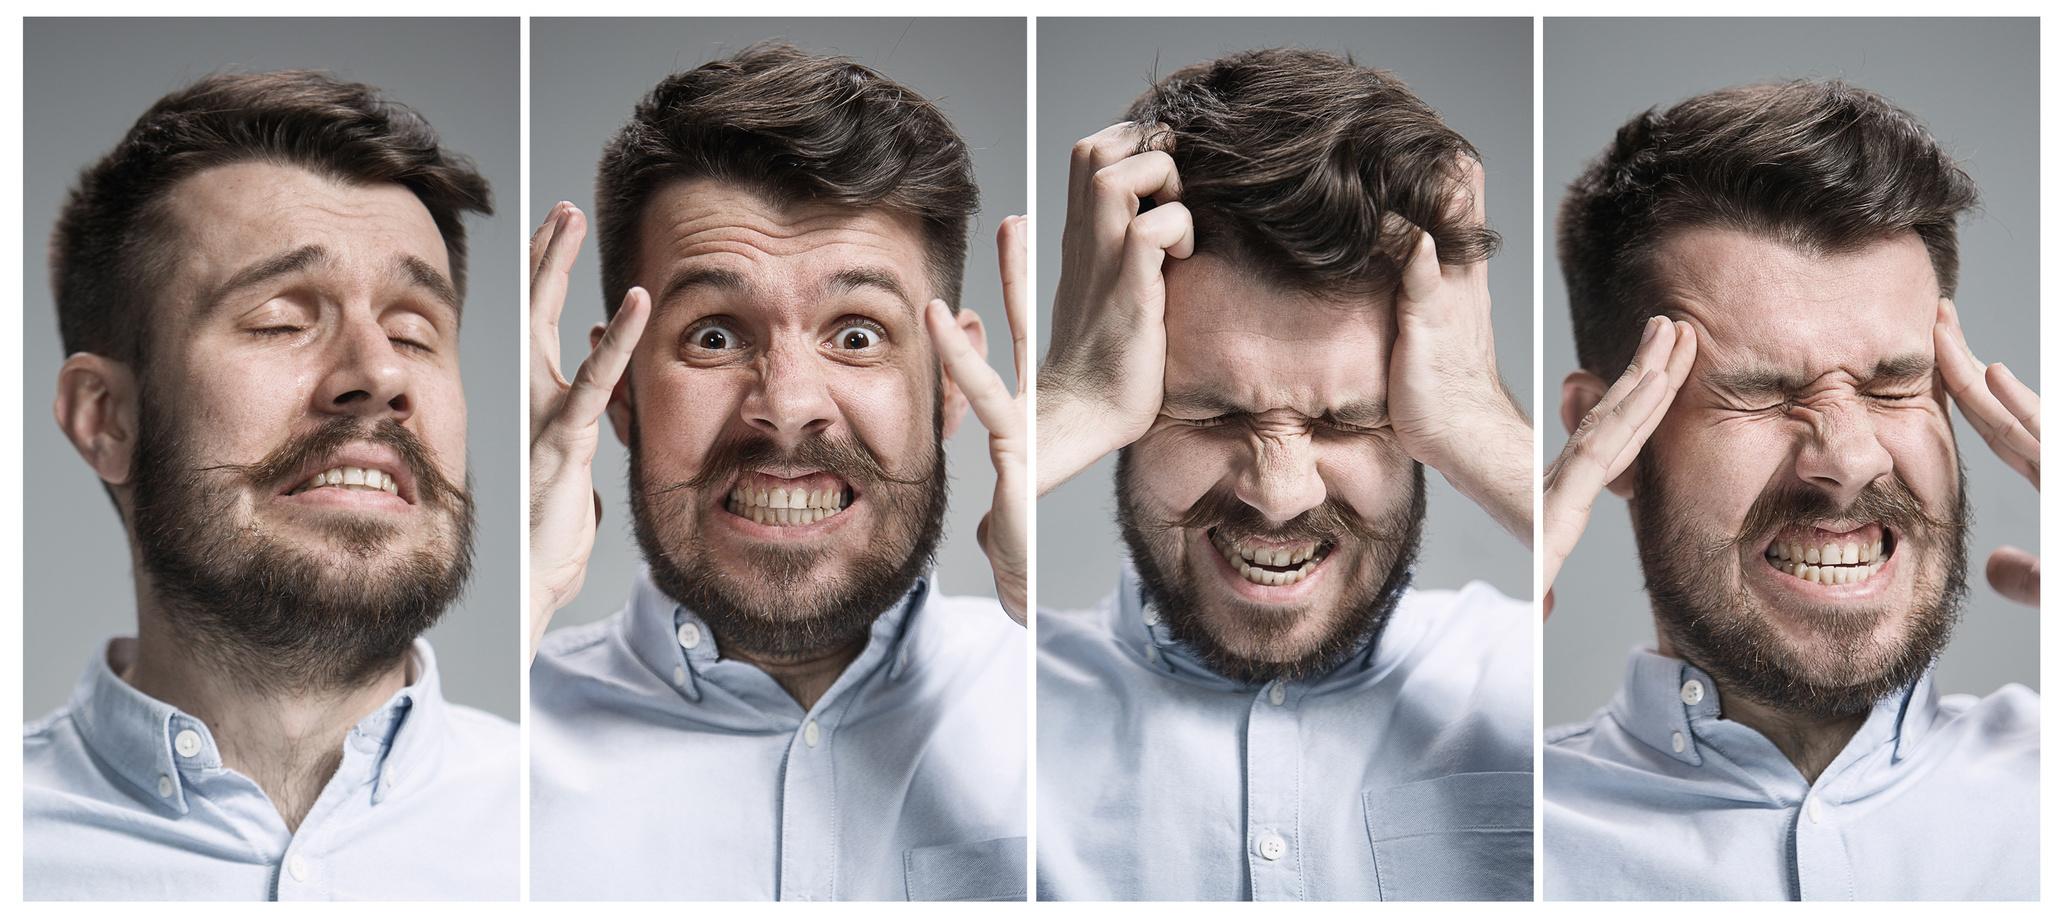 コミュニケーション力の低い課長はパワハラと相性が良い―――「課長が負けた裁判」に学ぶマネジメント術(2)